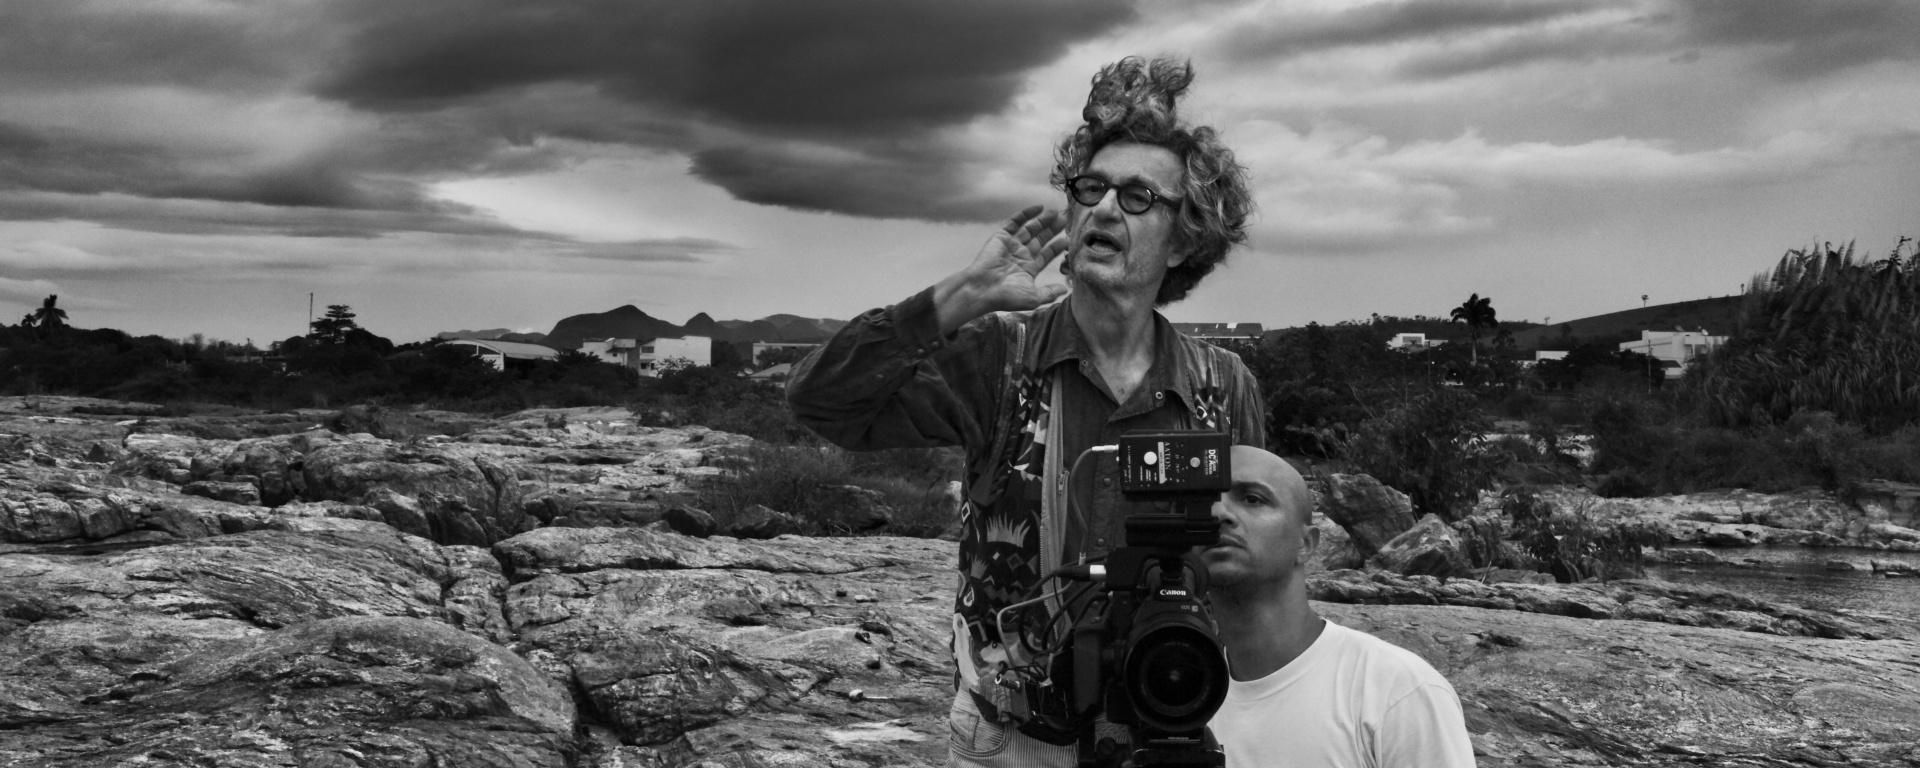 Il sale della terra - CineFatti